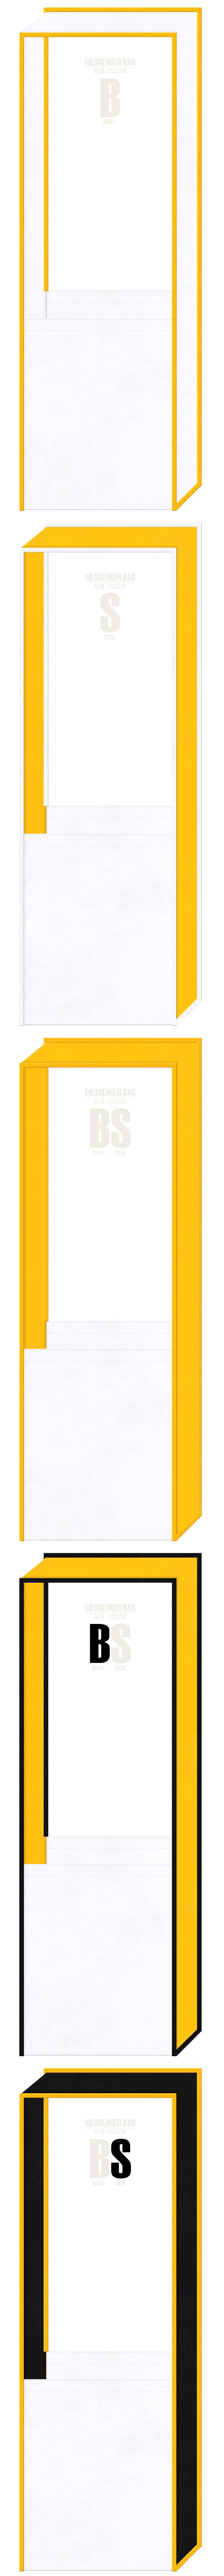 保安・安全用品の展示会用バッグにお奨め:白色・黄色・黒色の3色を使用した、不織布メッセンジャーバッグのデザイン